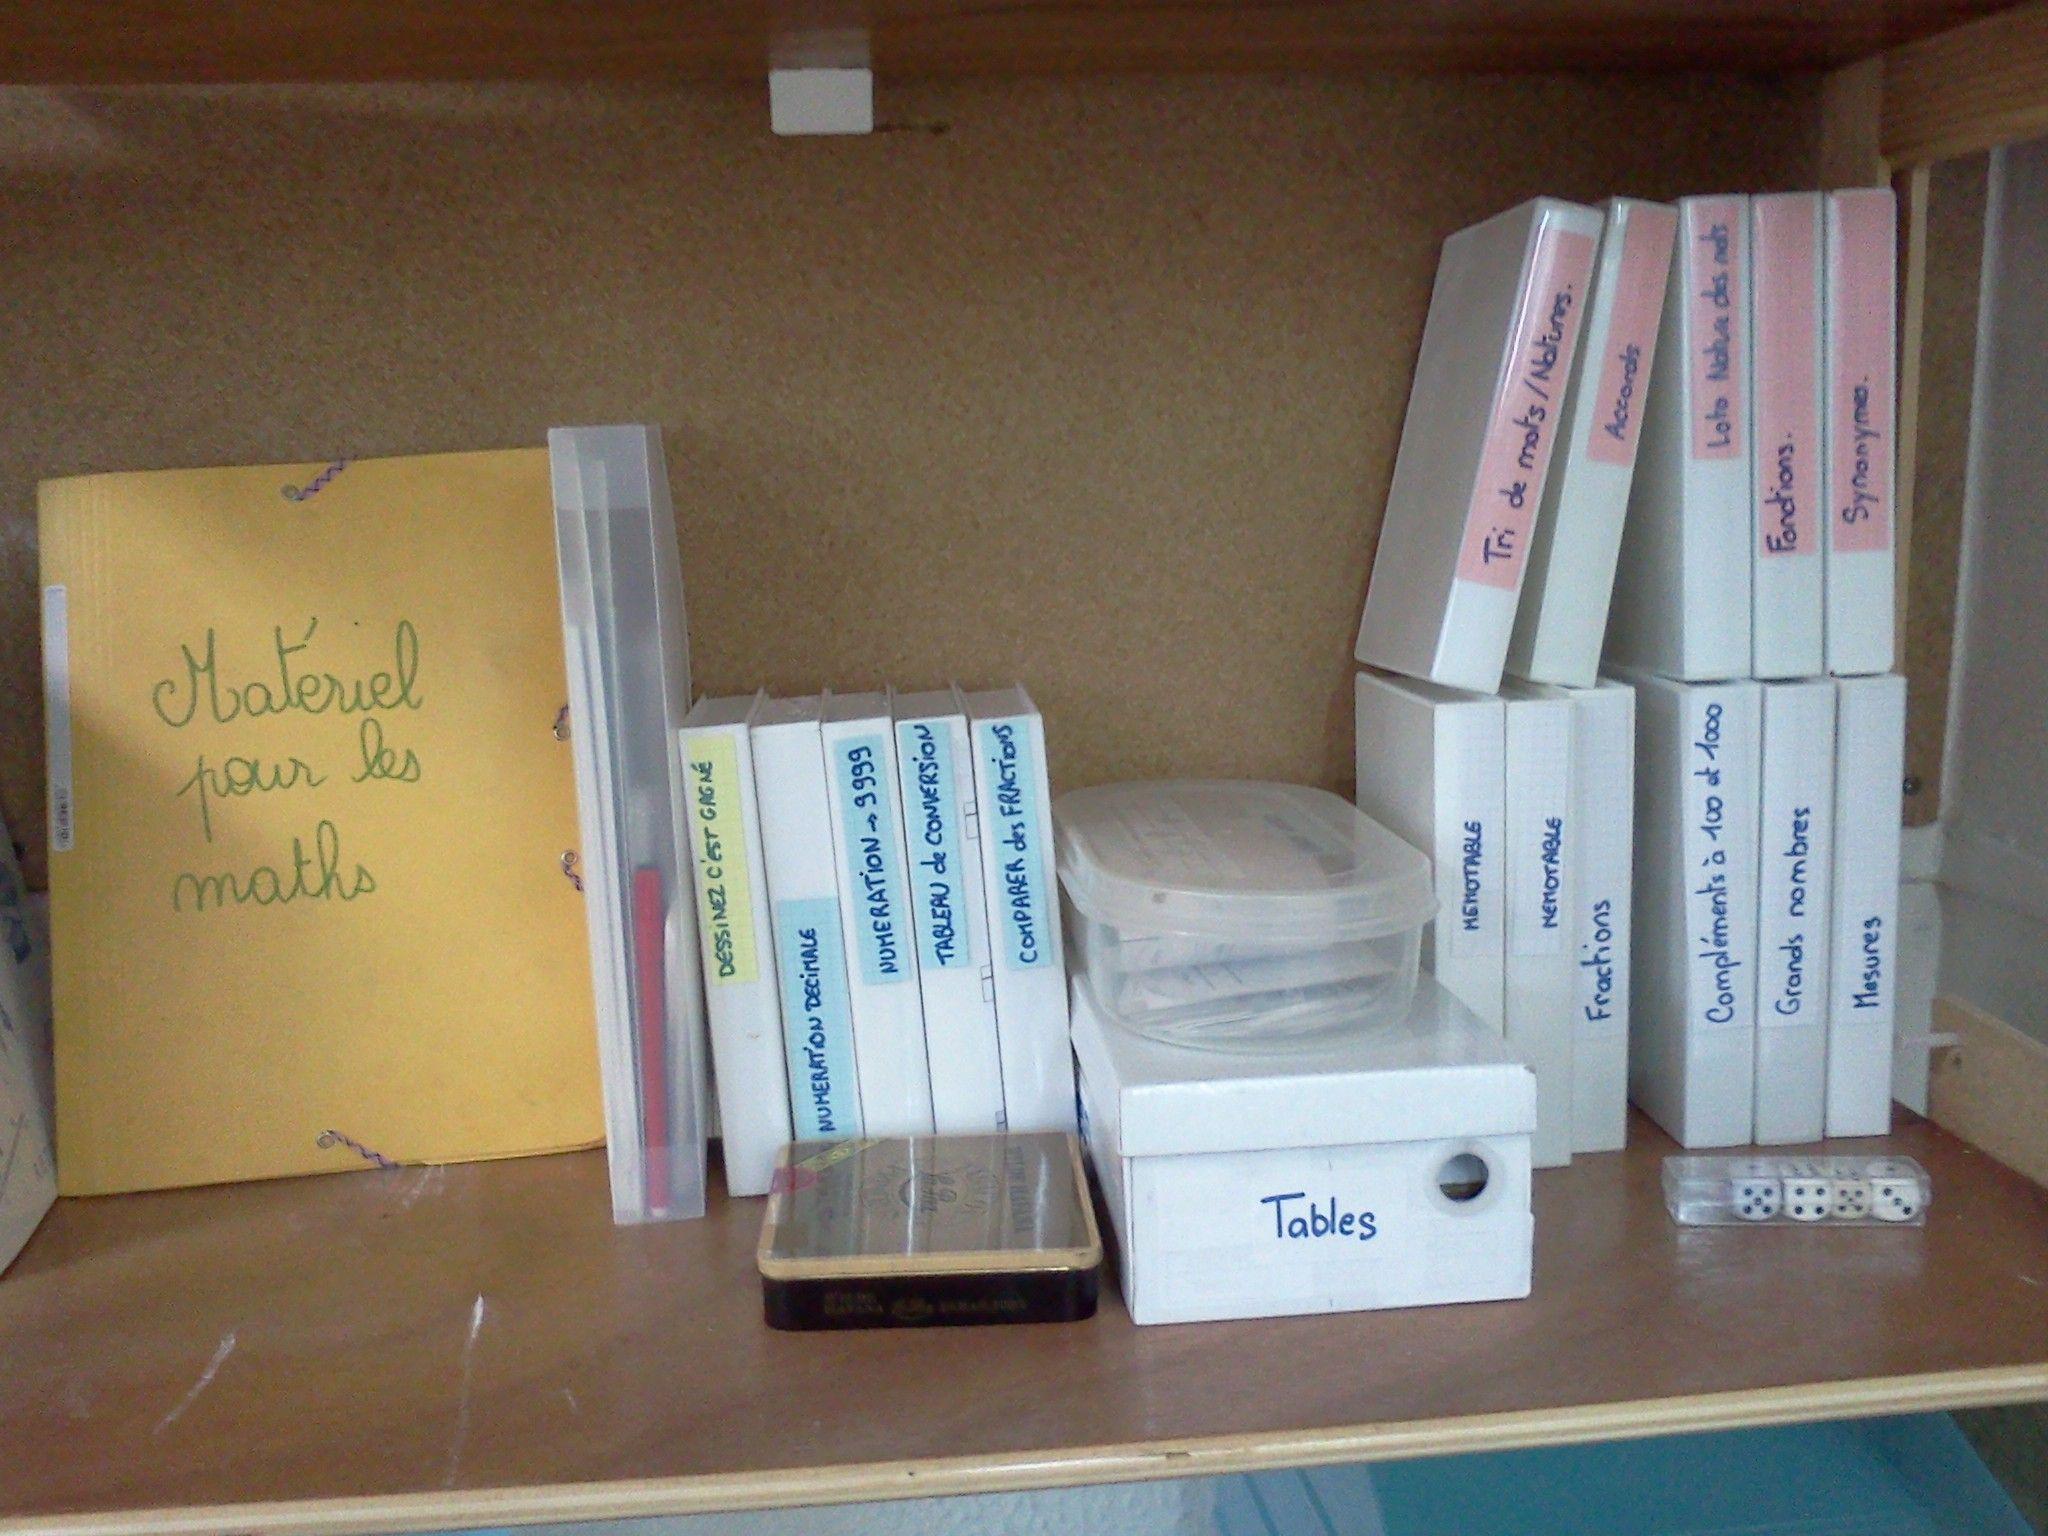 Des Boites De Cassettes Video Pour Ranger Les Jeux Et Les Outils Pour Les Maths Outils Pour Les Maths Organisation Ecole